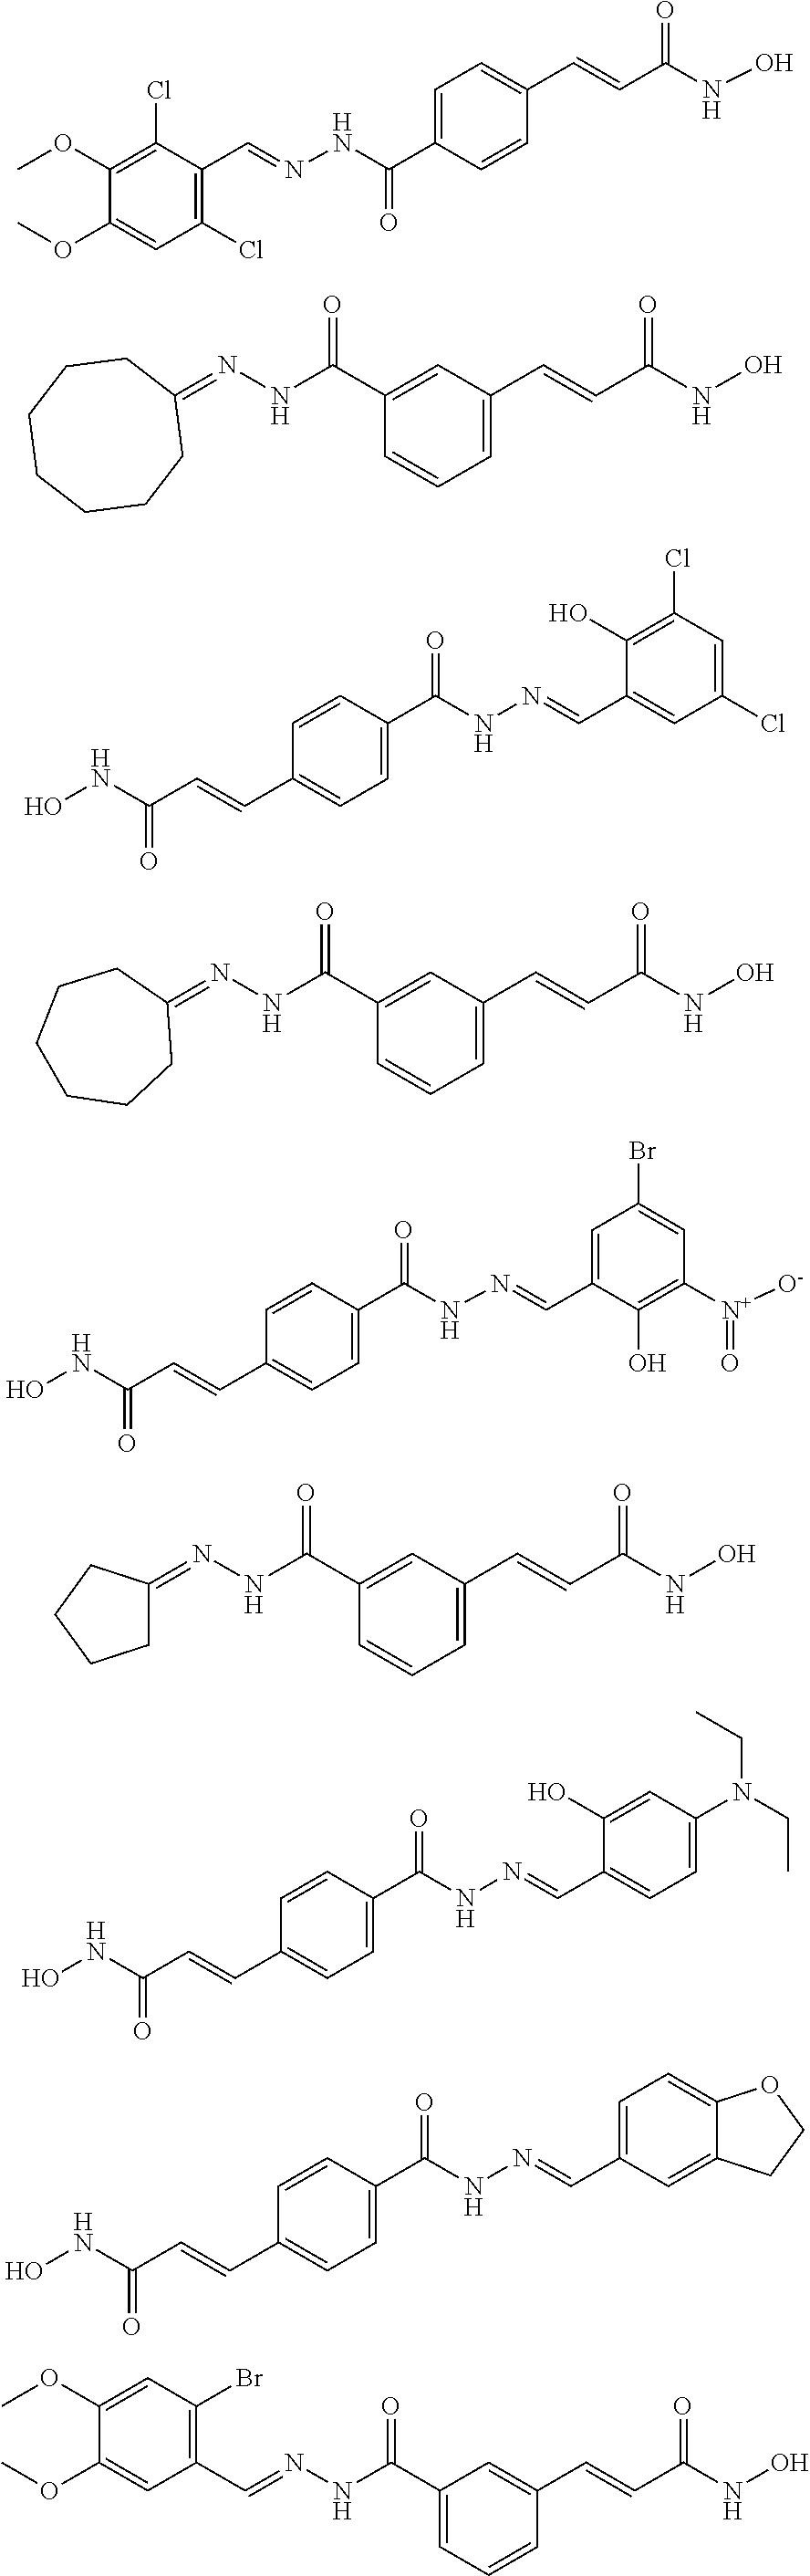 Figure US09540317-20170110-C00078